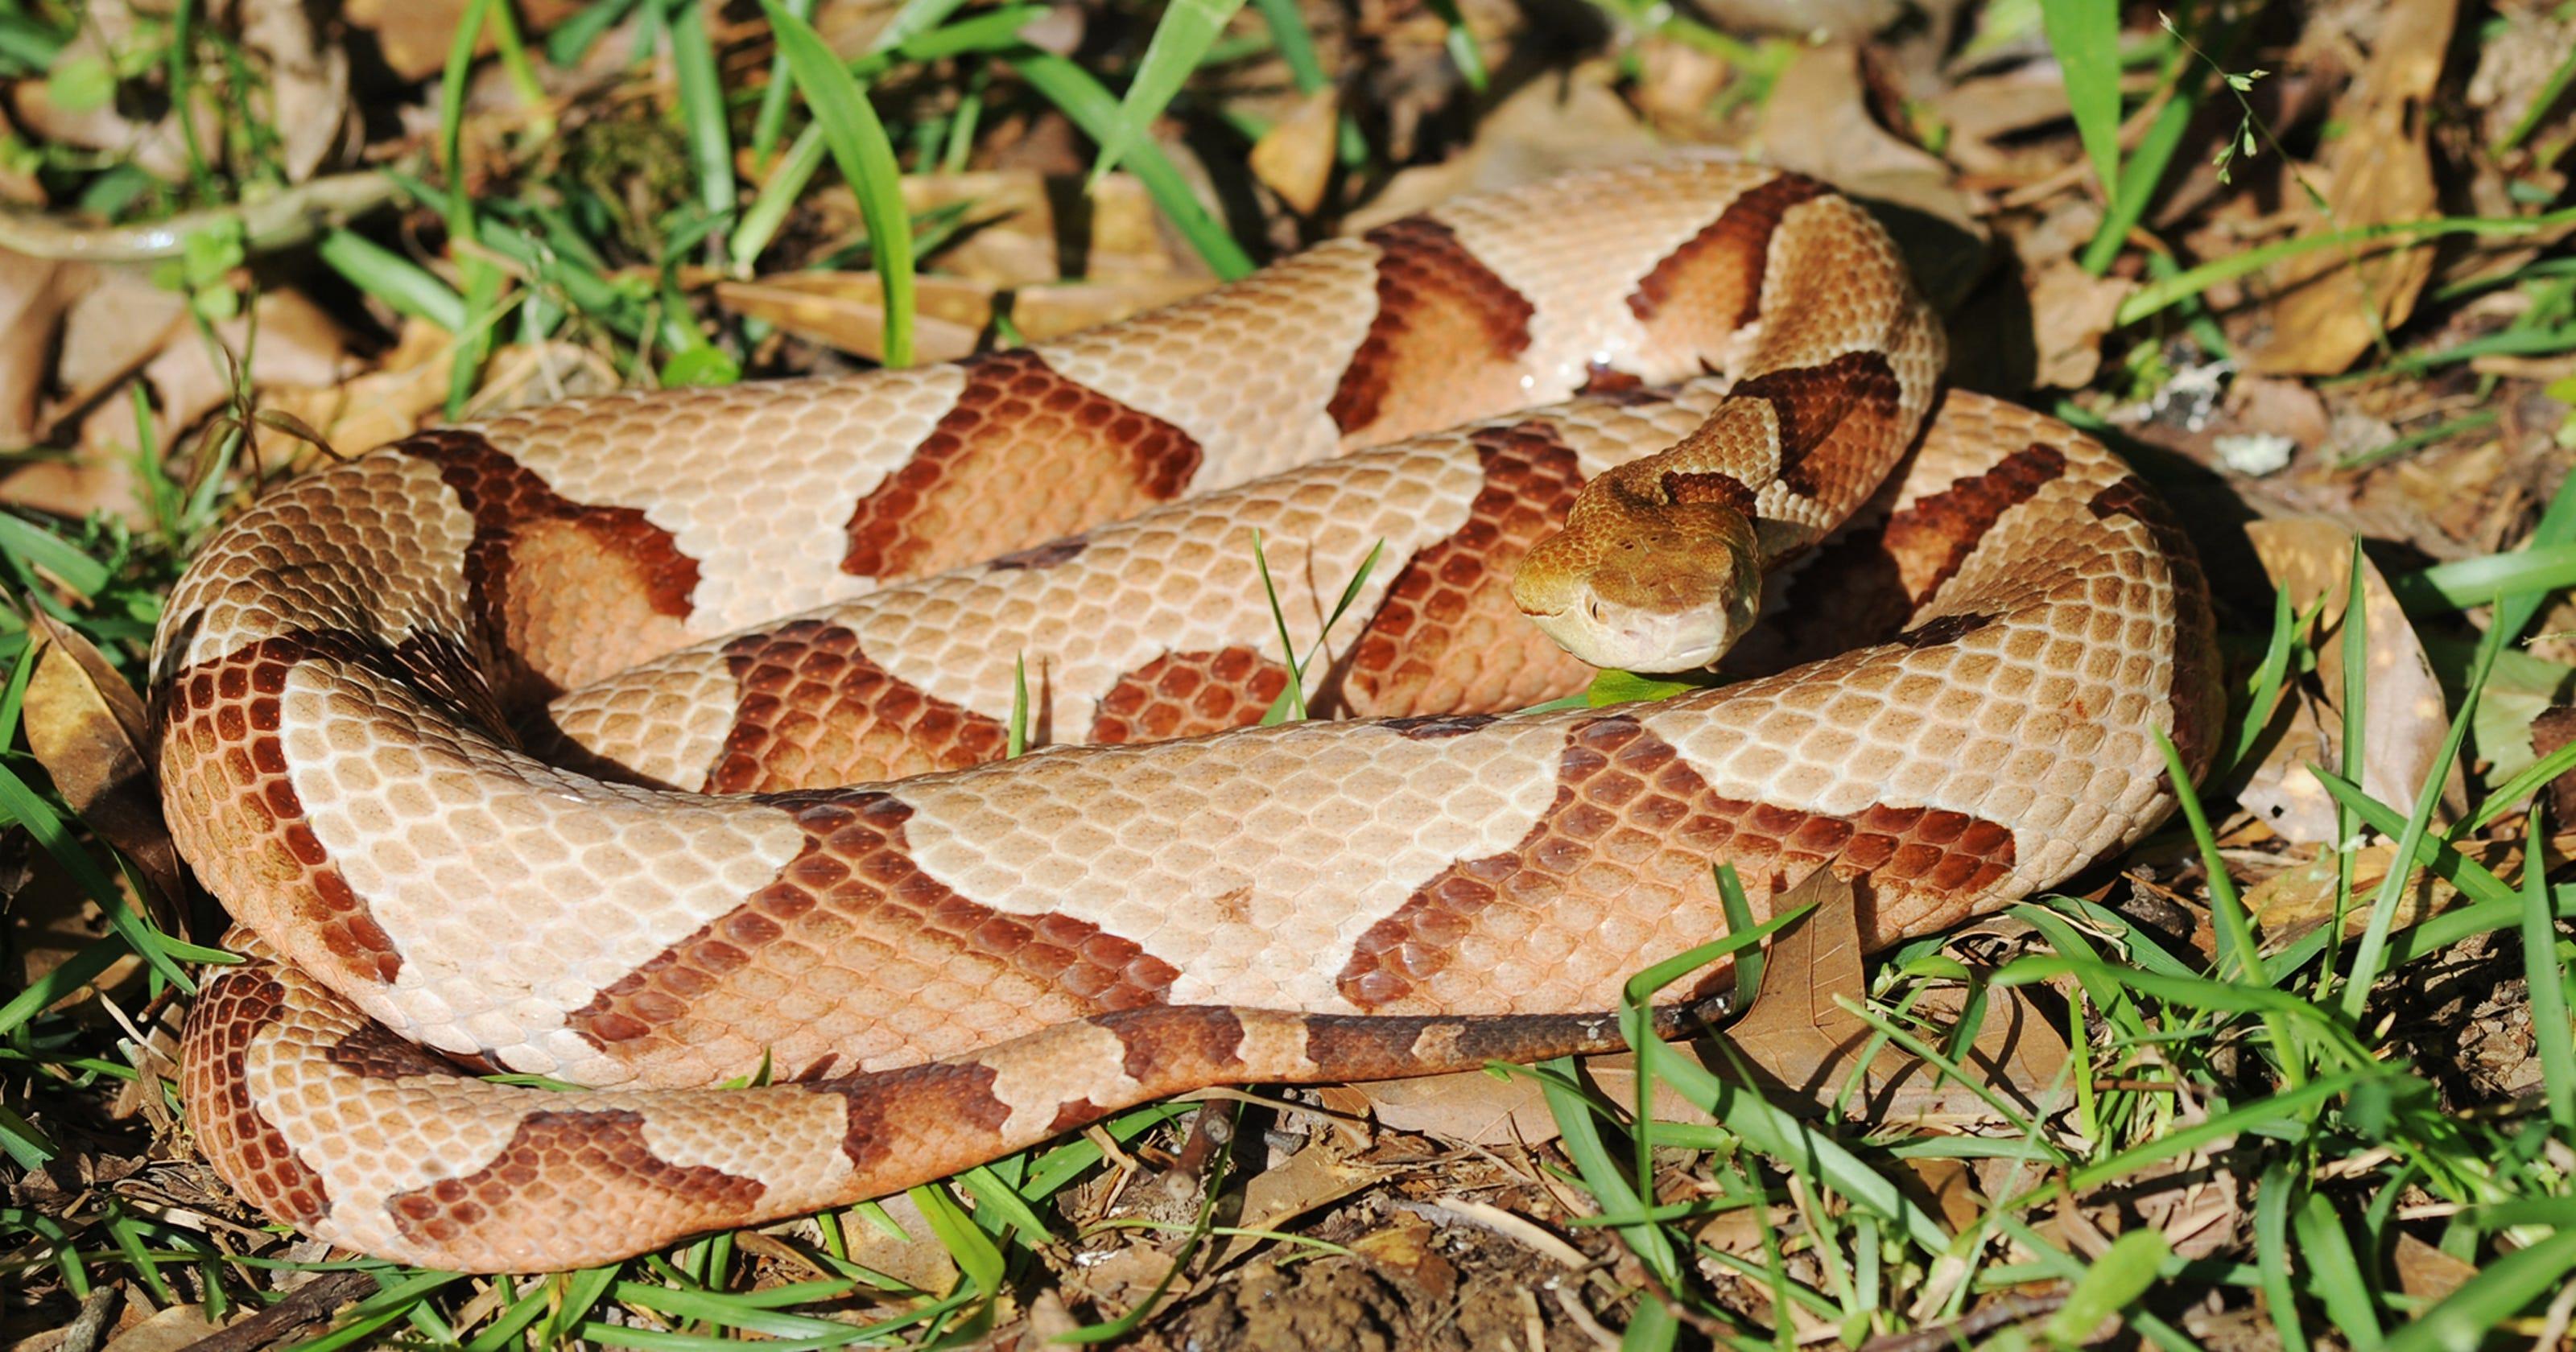 copperhead snake bite